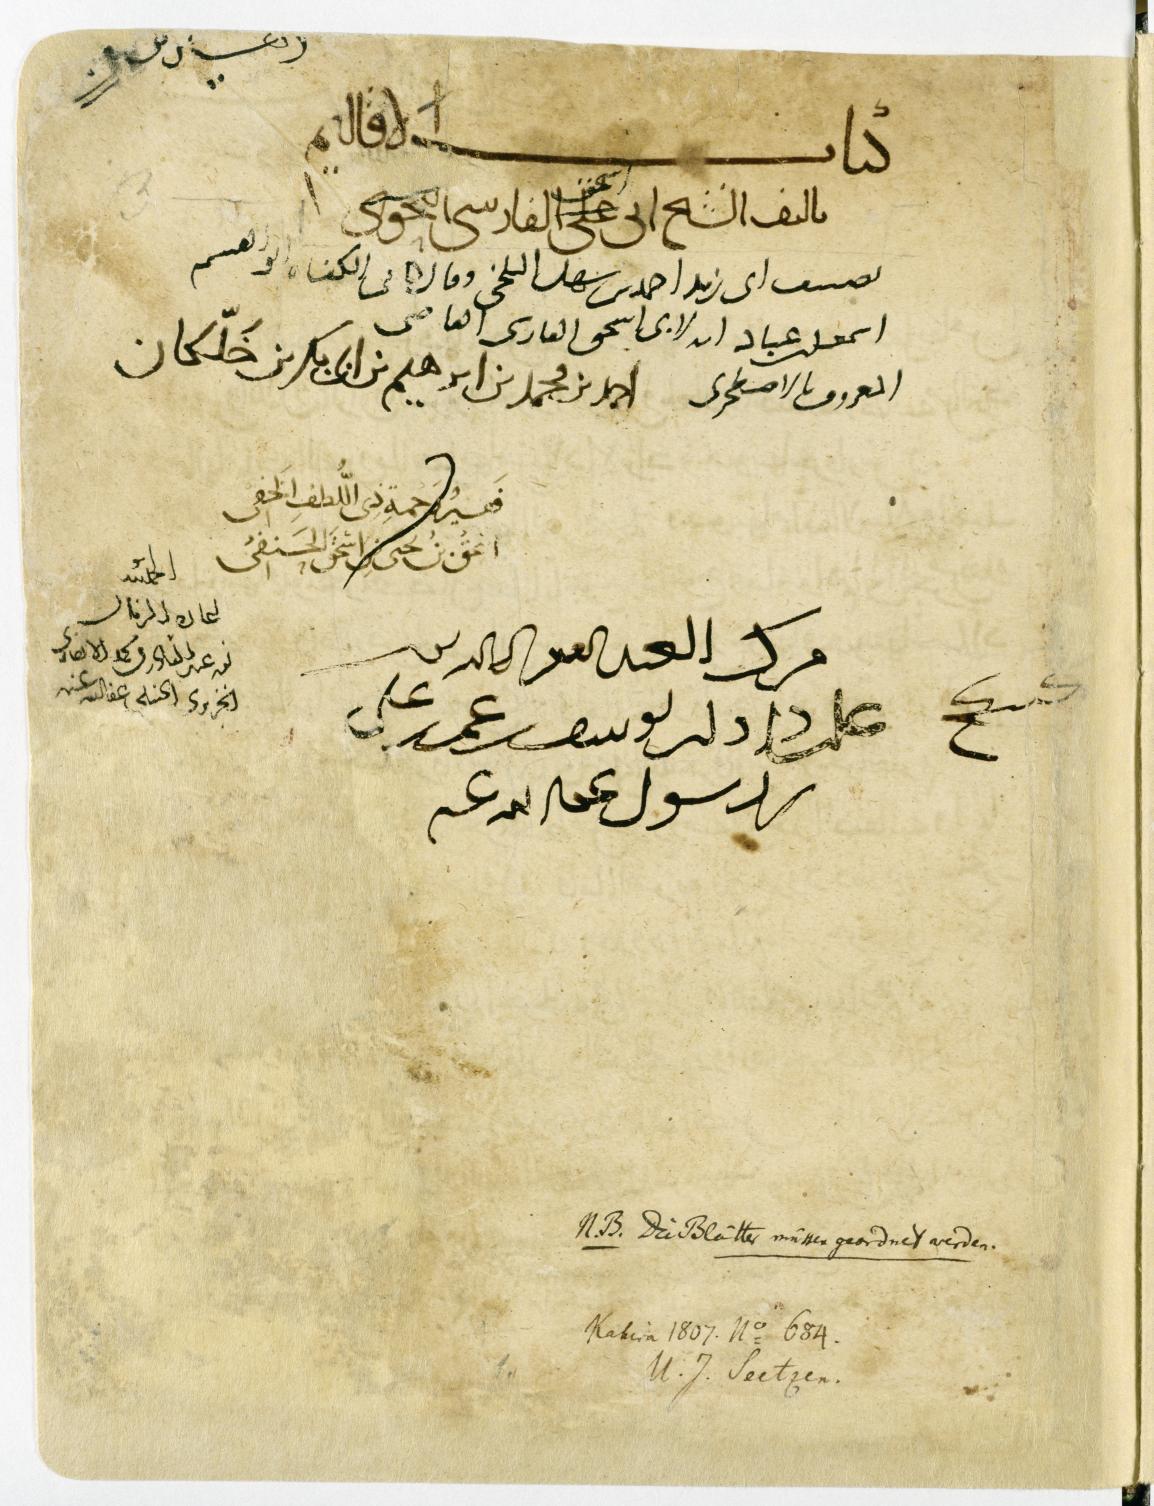 Ms. orient. A 1521 - Kitāb al-masālik wa-'l-mamālik